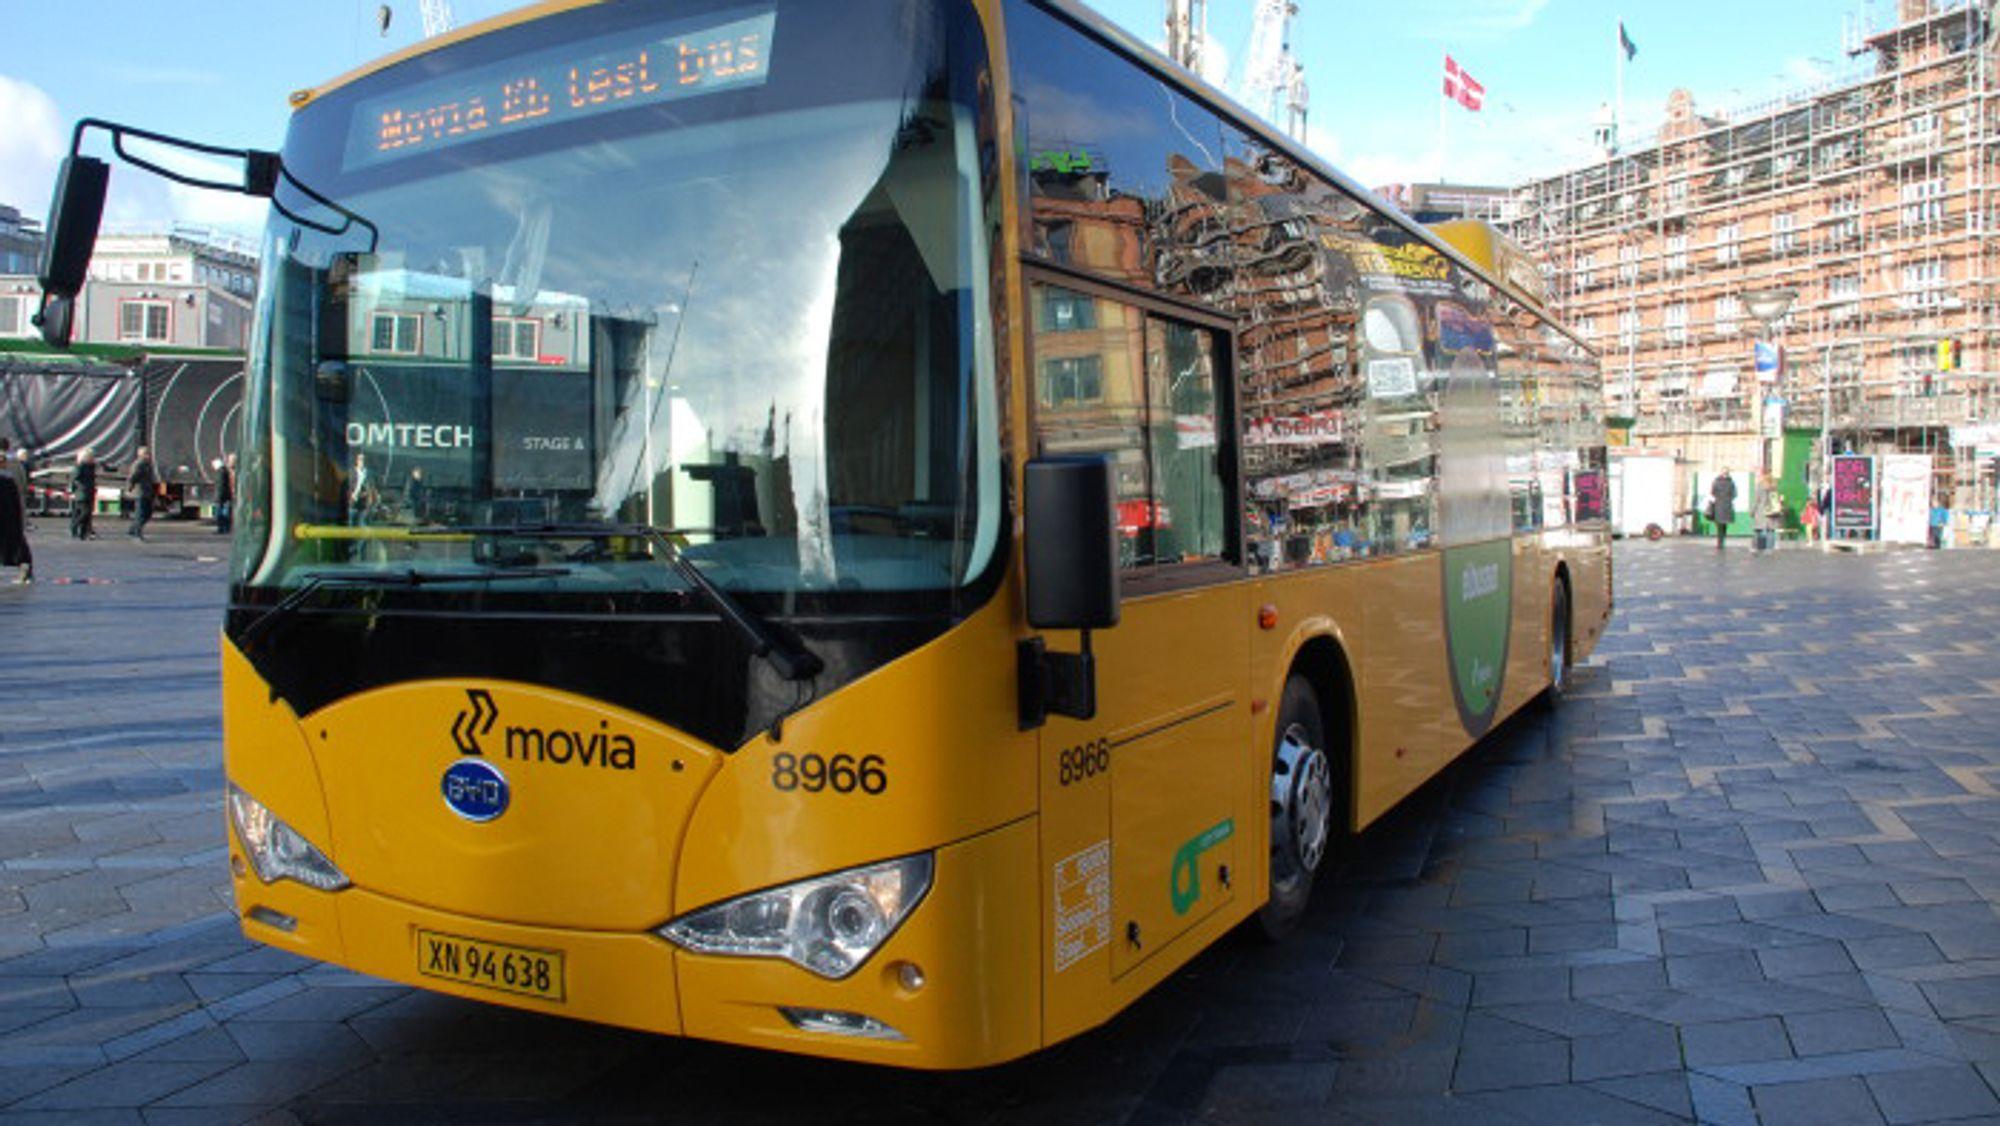 Ved prosjektstart var det en forventning om at hver av bussene skulle kjøre cirka 4000 kilometer i måneden. I snitt har de kjørt rundt 2300 kilometer.